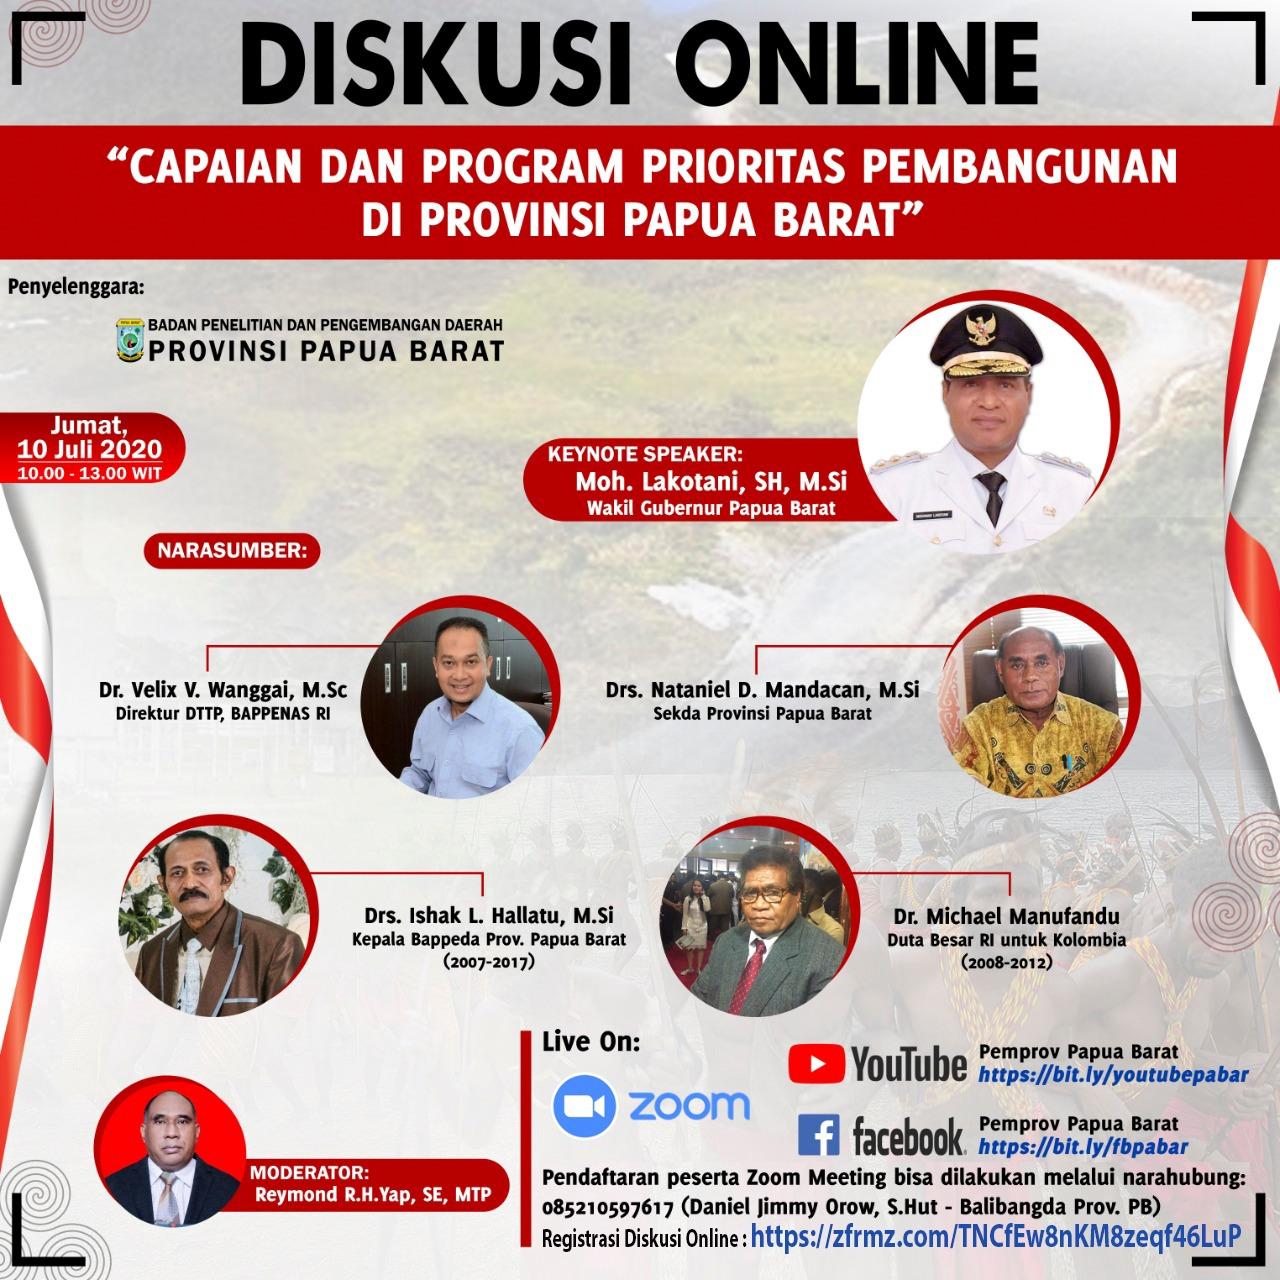 Diskusi Online Capaian dan Program Prioritas Pembangunan Di Provinsi Papua Barat